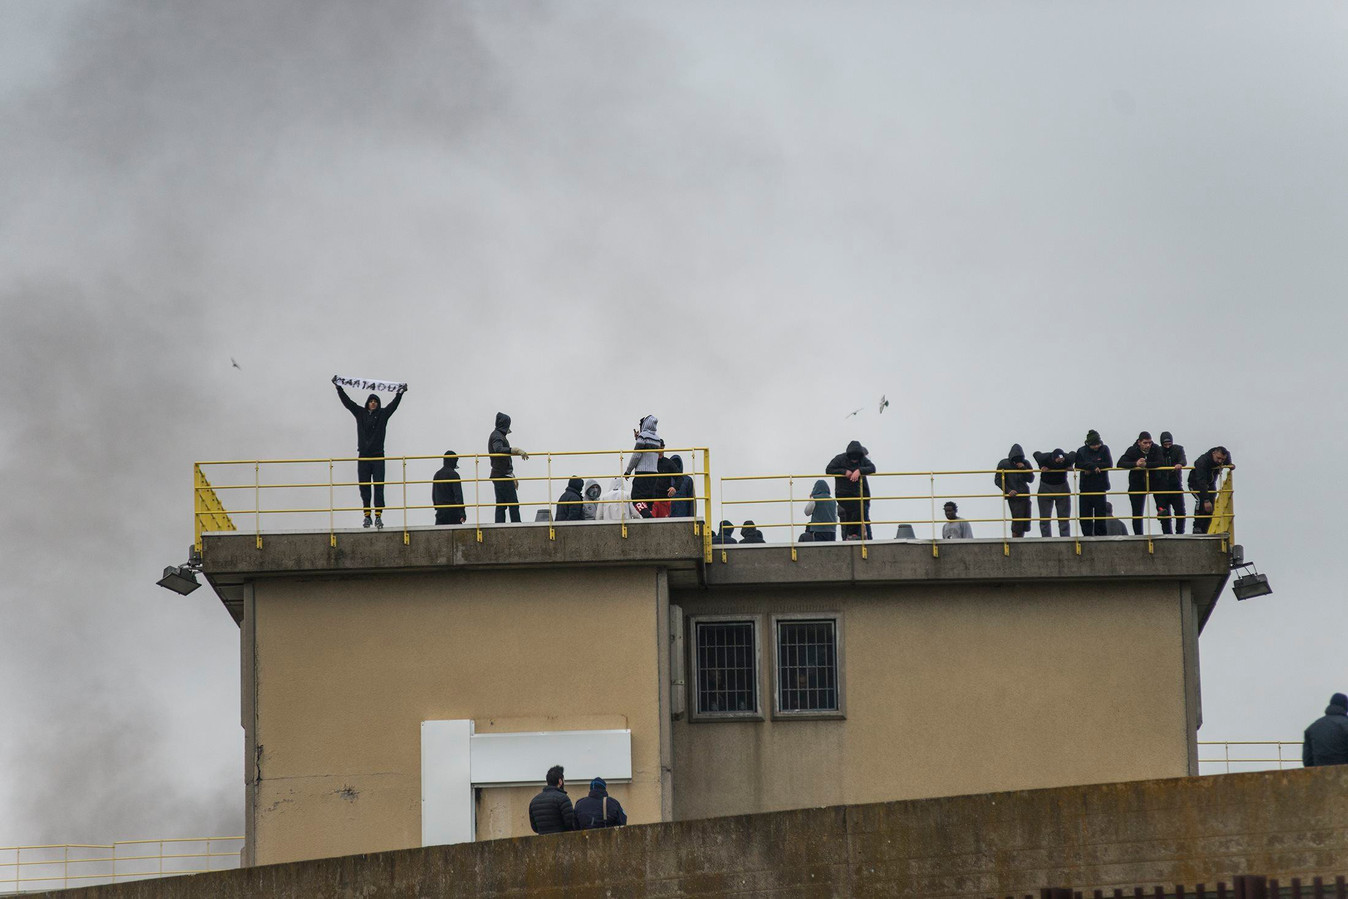 Des émeutes ont également éclaté à la prison de Bologne, en Émilie-Romagne.